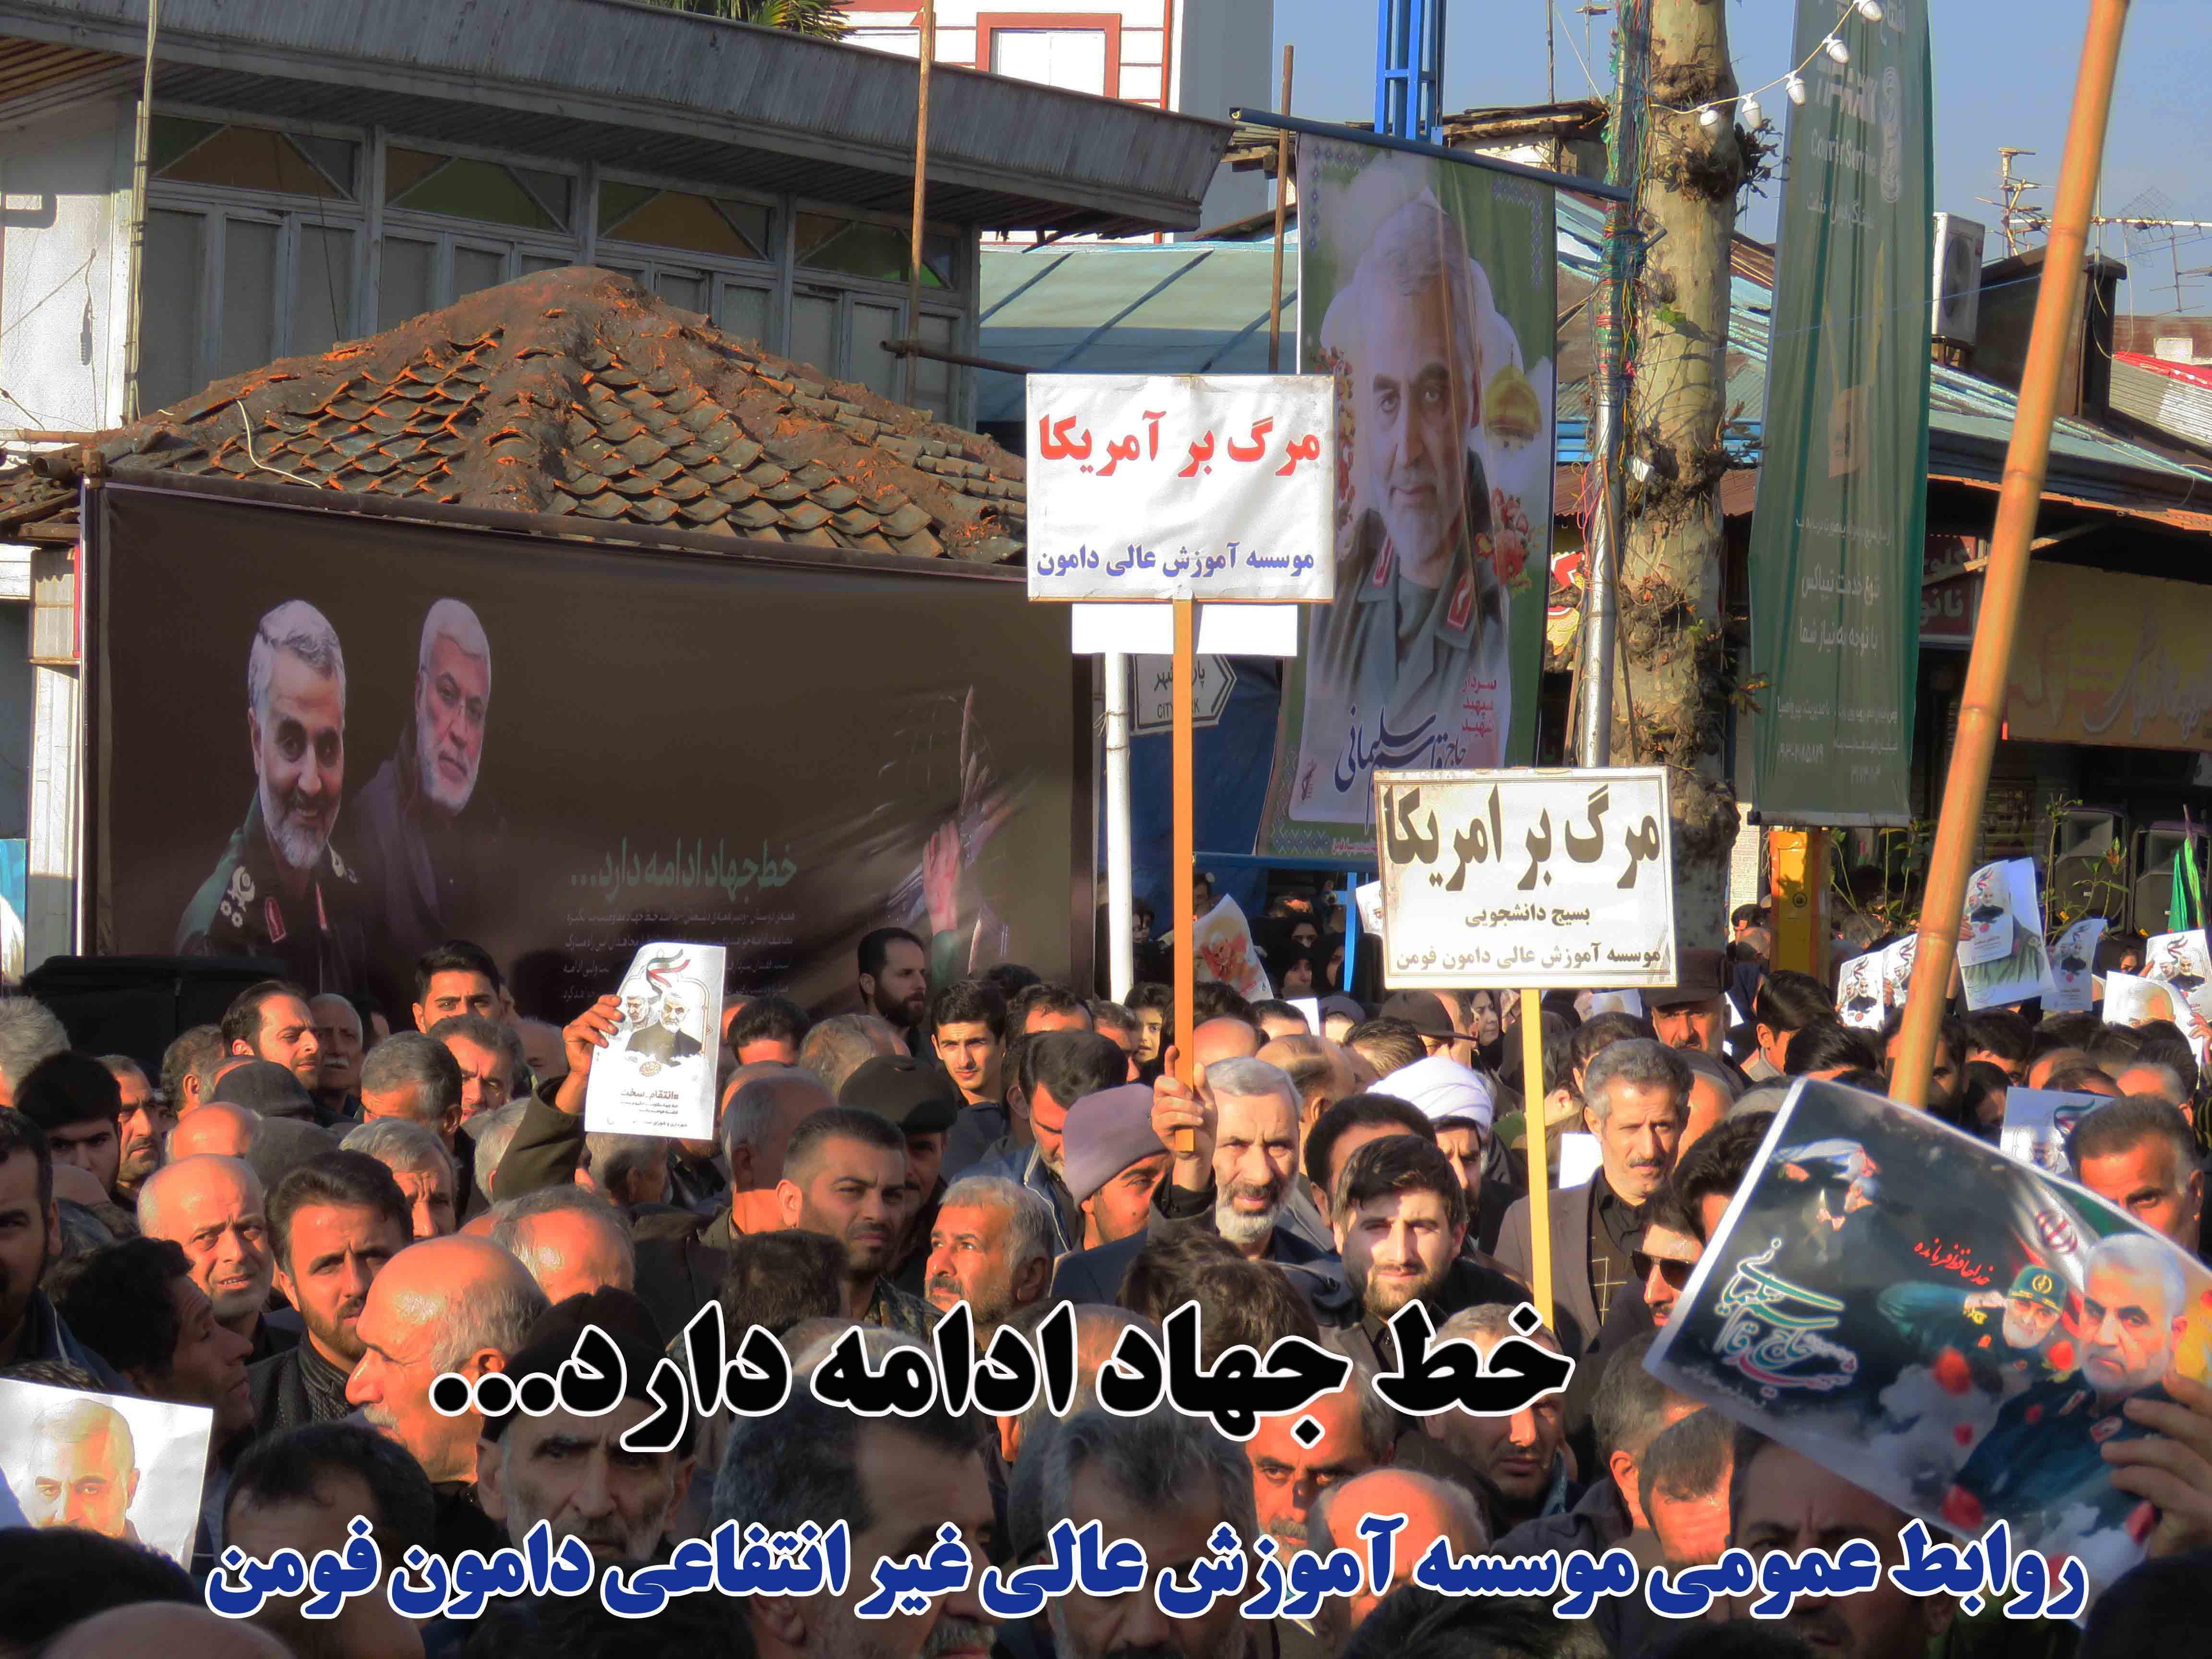 حضور دانشجویان موسسه دامون در مراسم پاسداشت شهید سردار سلیمانی